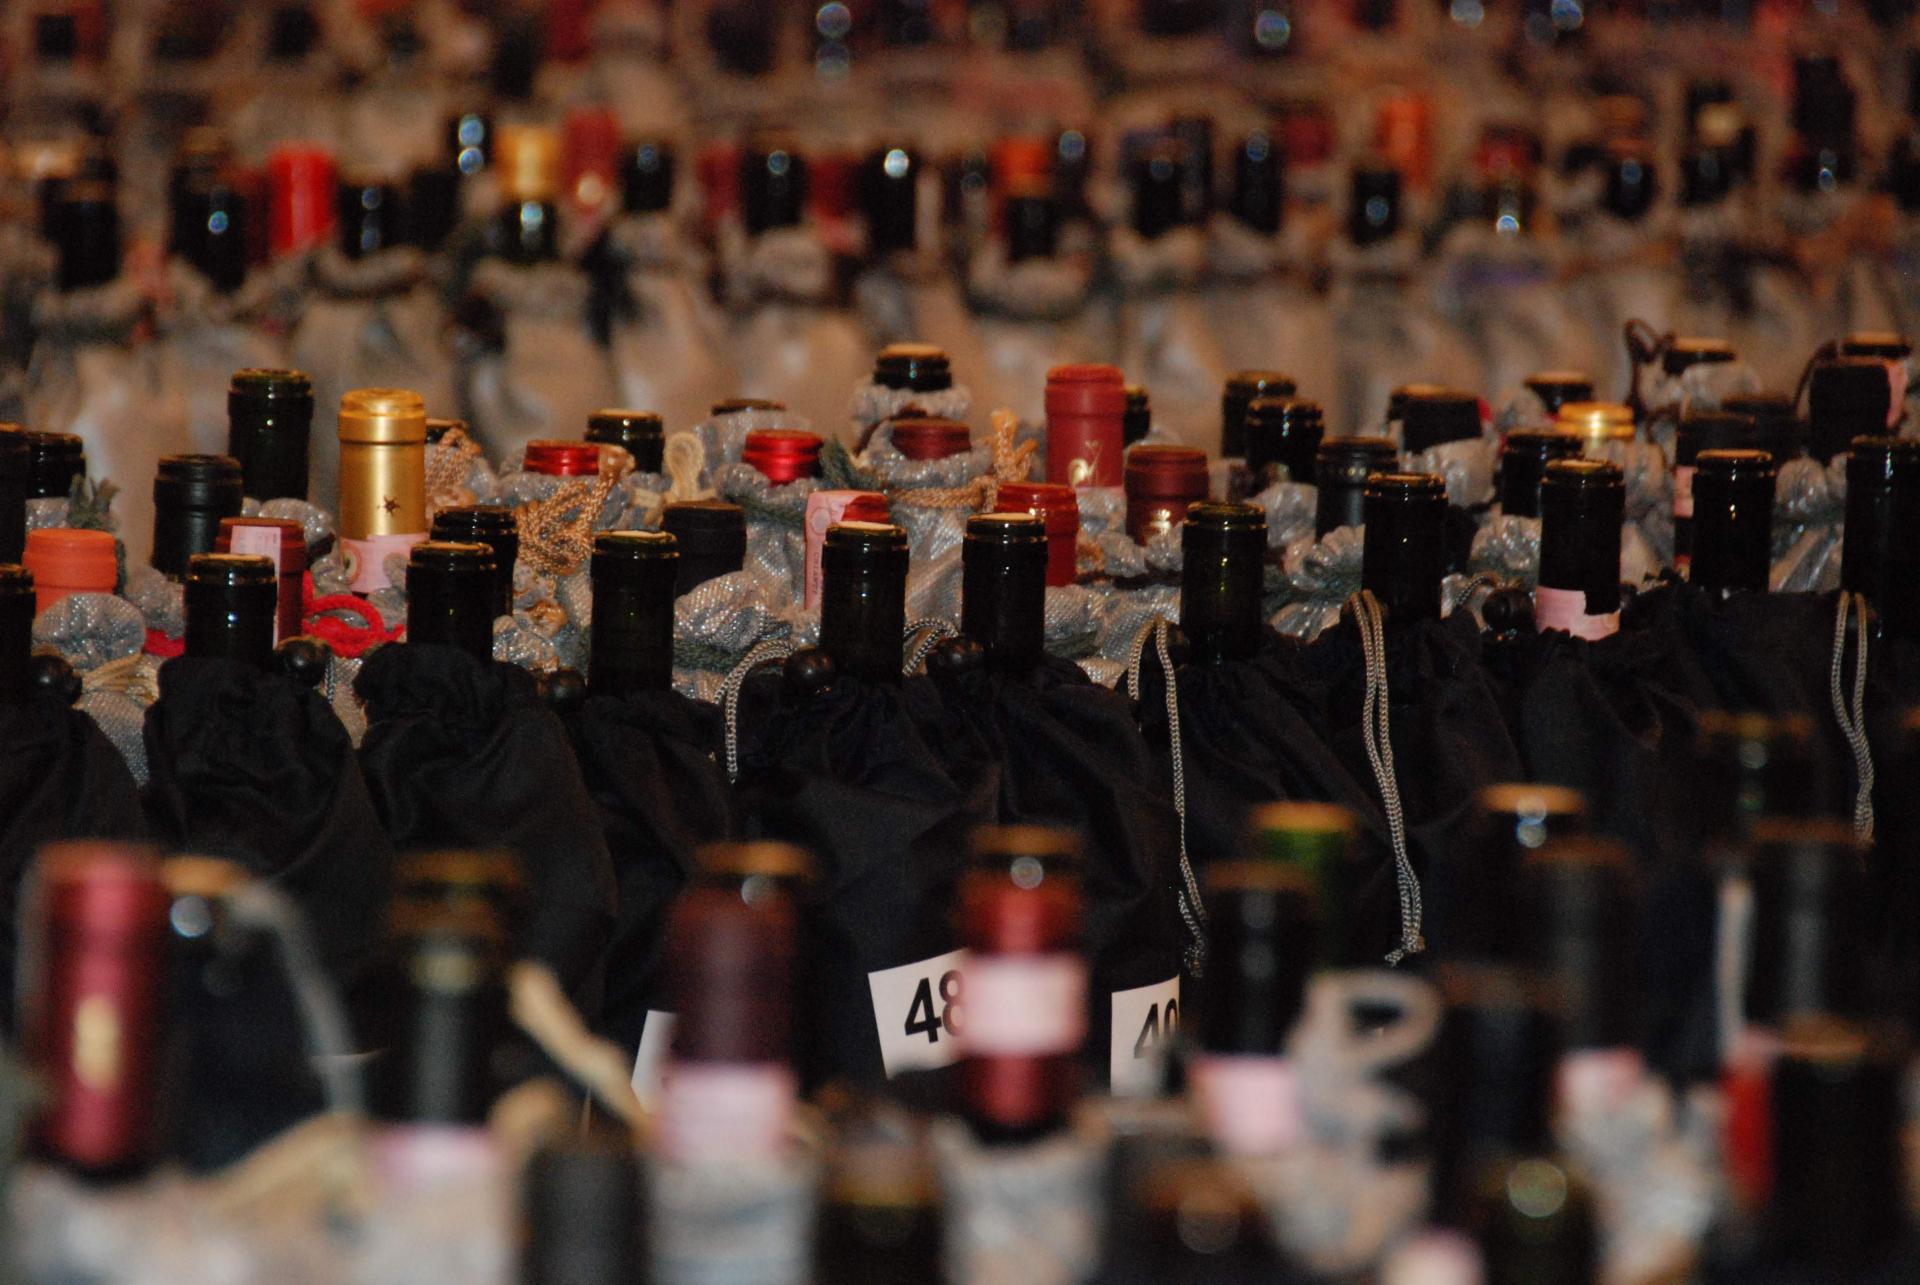 Cresce l'export vino: +3,1% rispetto al 2018